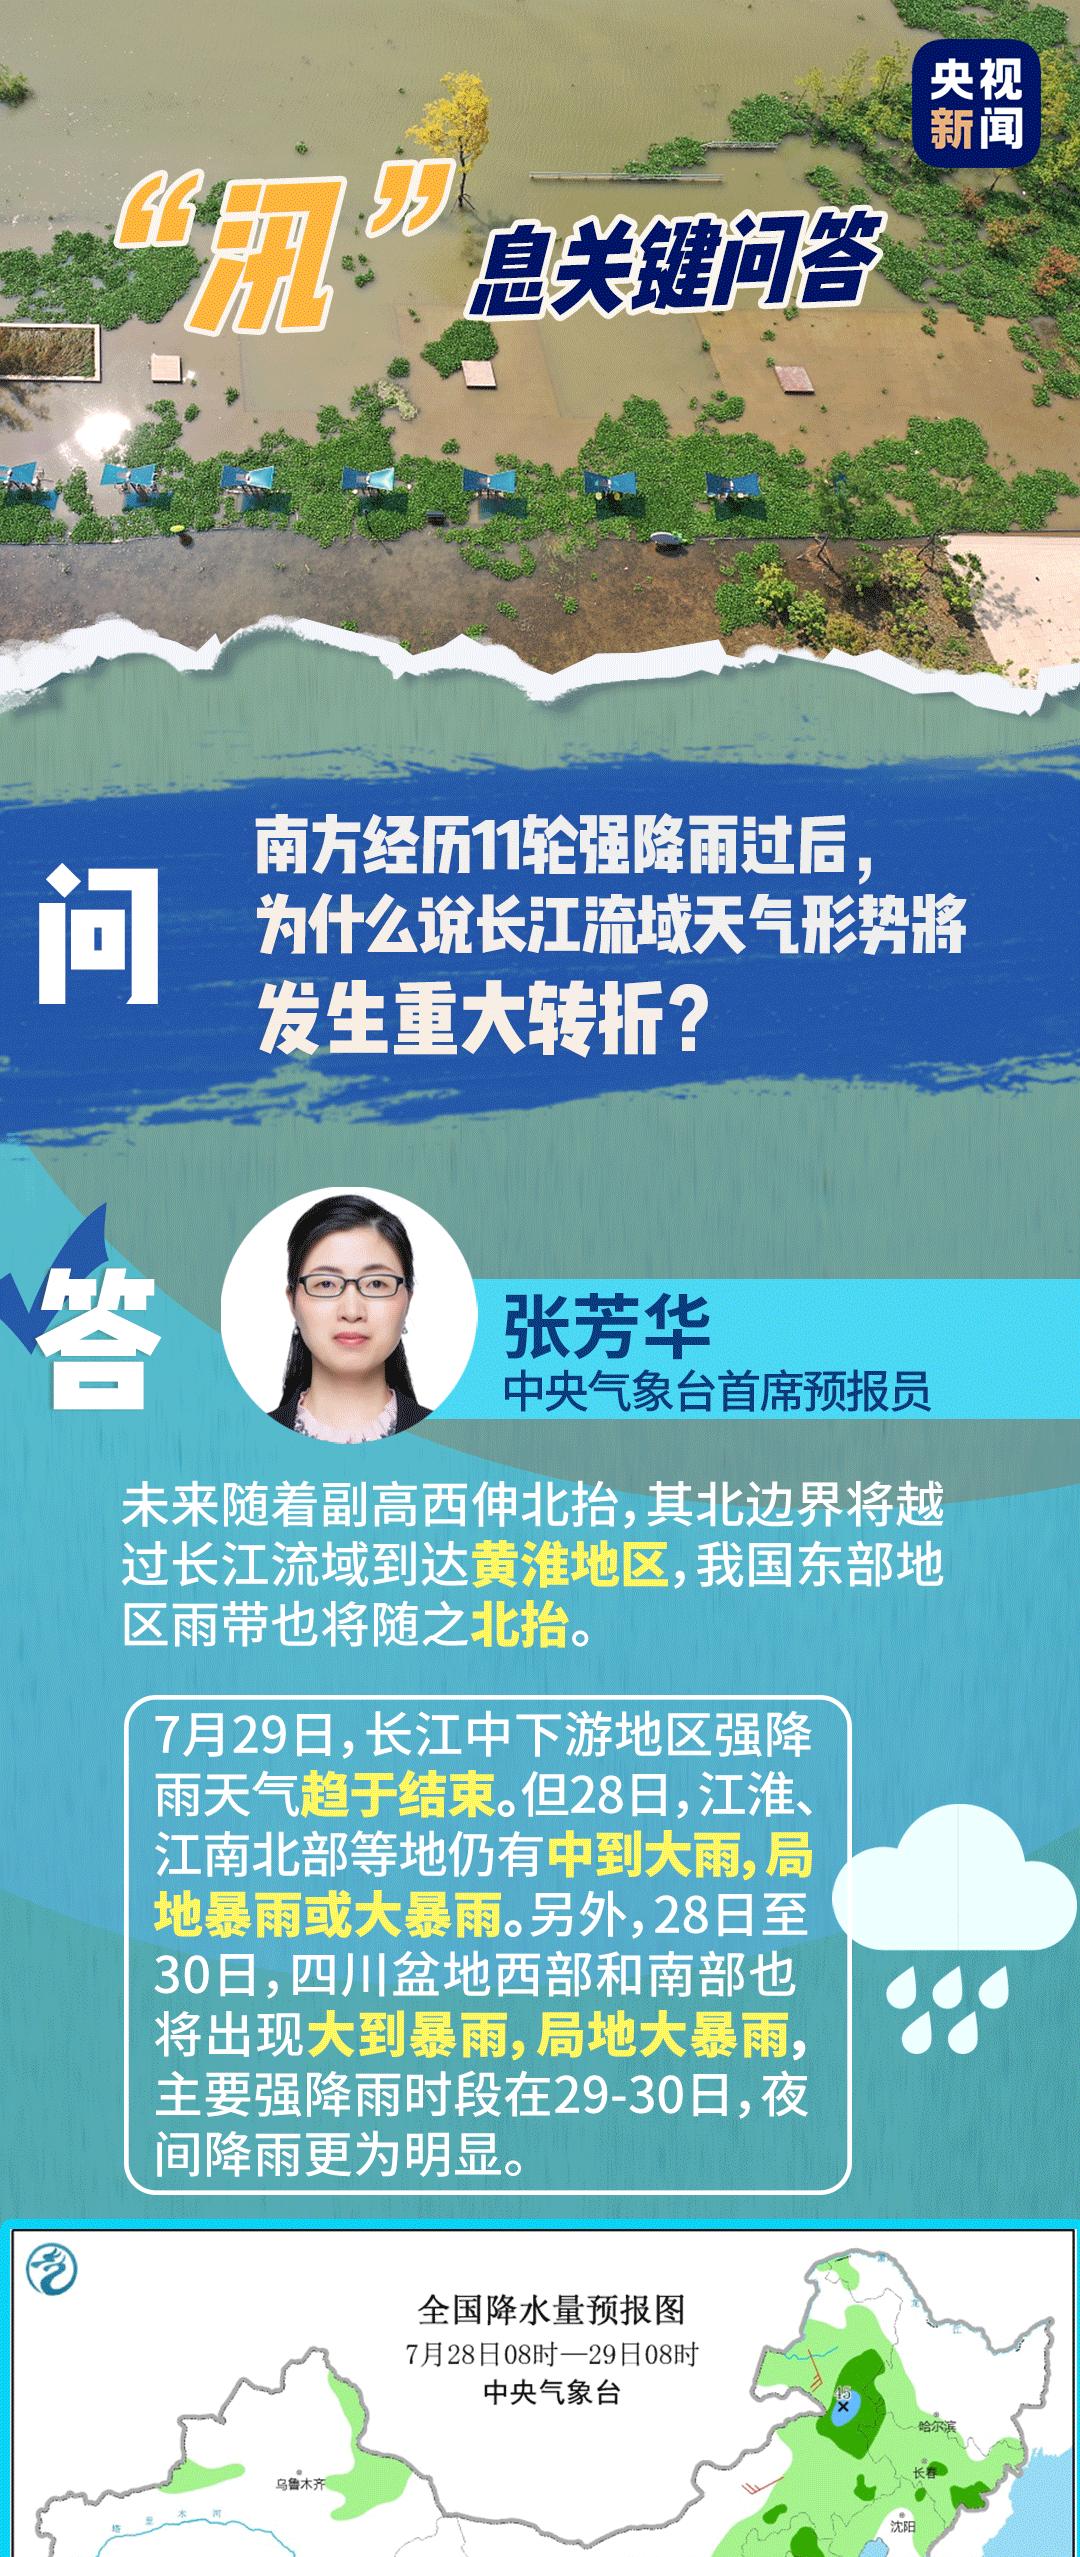 """""""汛""""息关键问答丨南方11轮强降雨过后 长江流域天气形势要转折了?"""